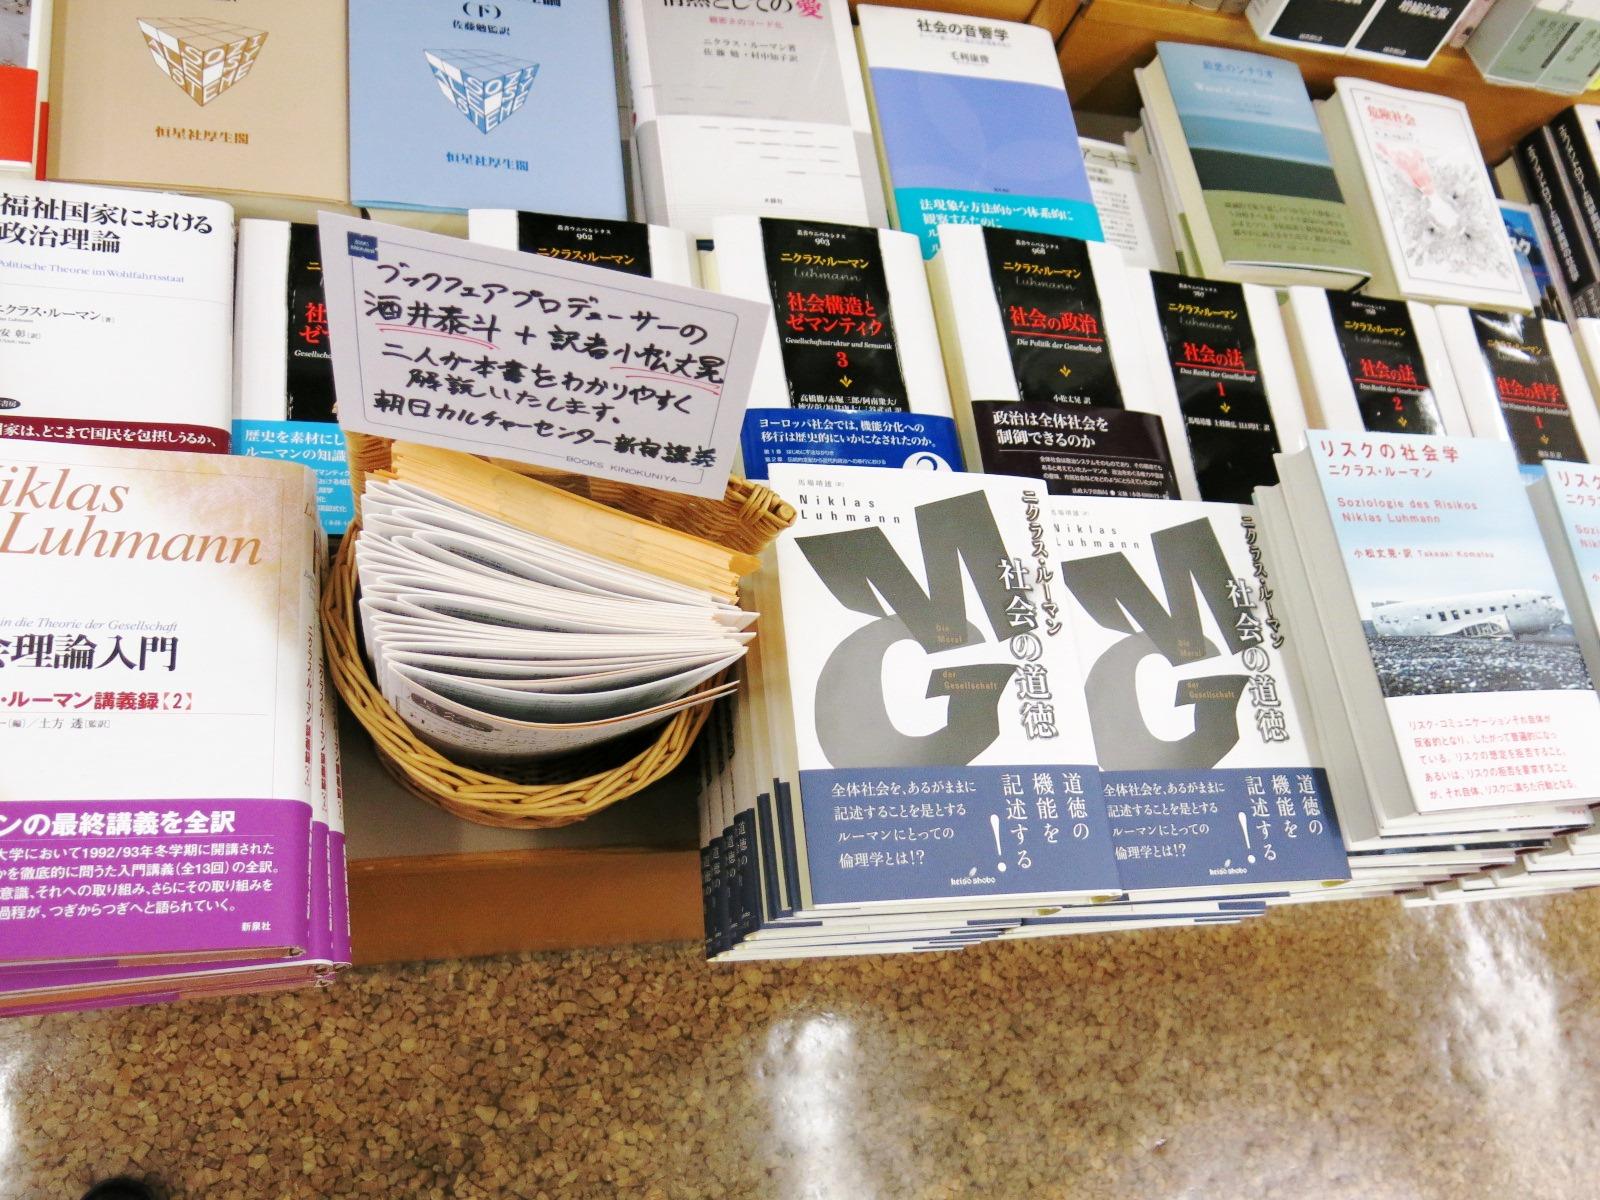 フェア「社会のブックガイド」 ルーマン『社会の道徳』 紀伊國屋書店新宿本店